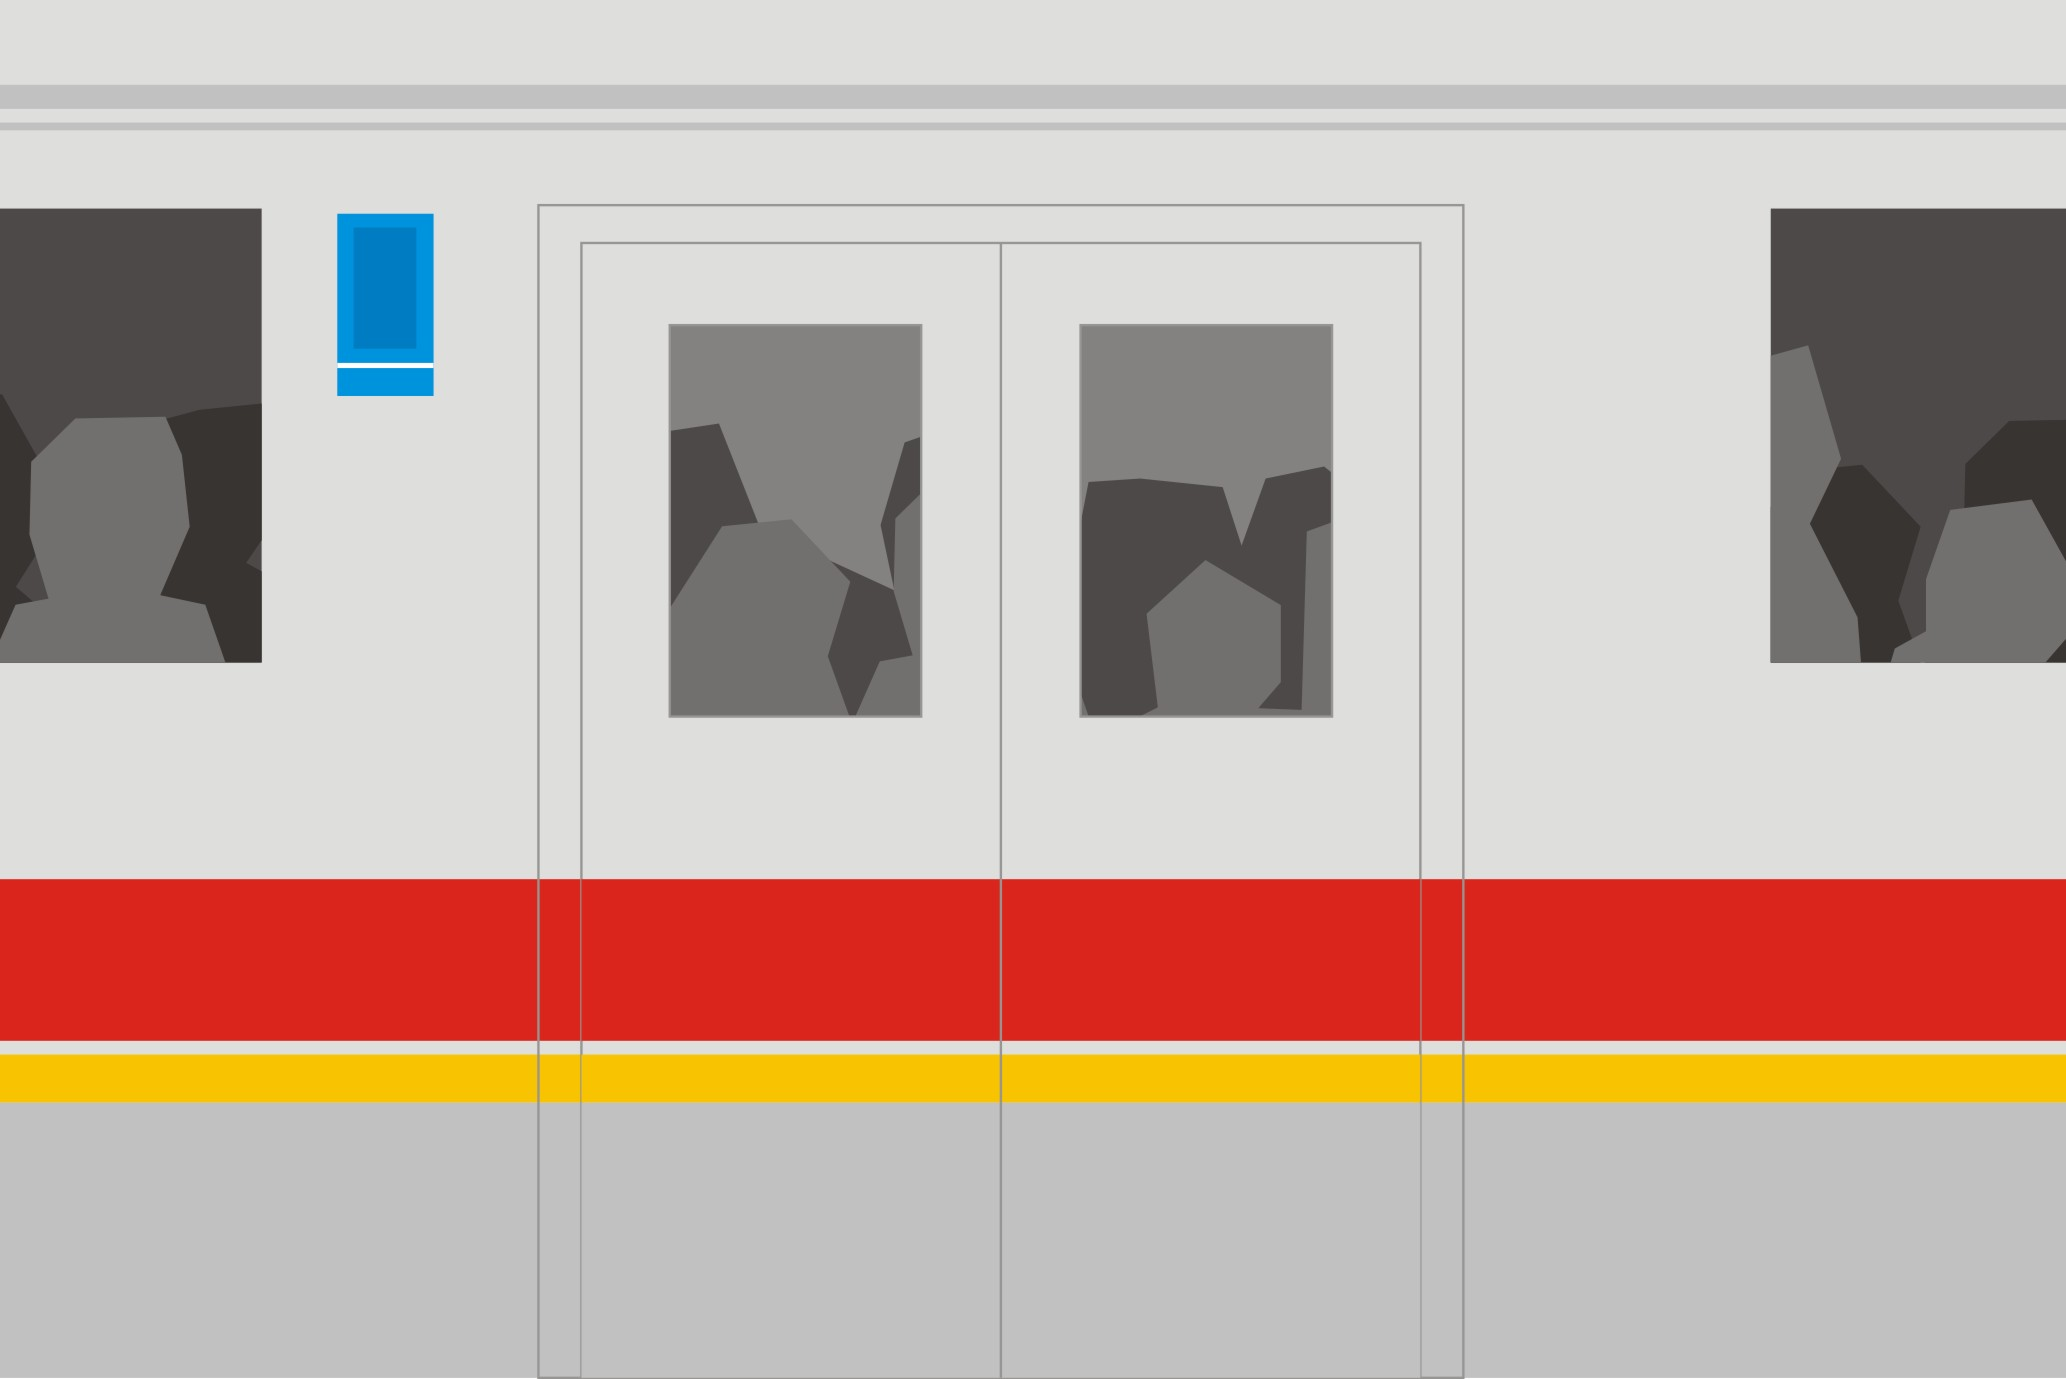 10 hal menjengkelkan saat kamu menggunakan commuter line